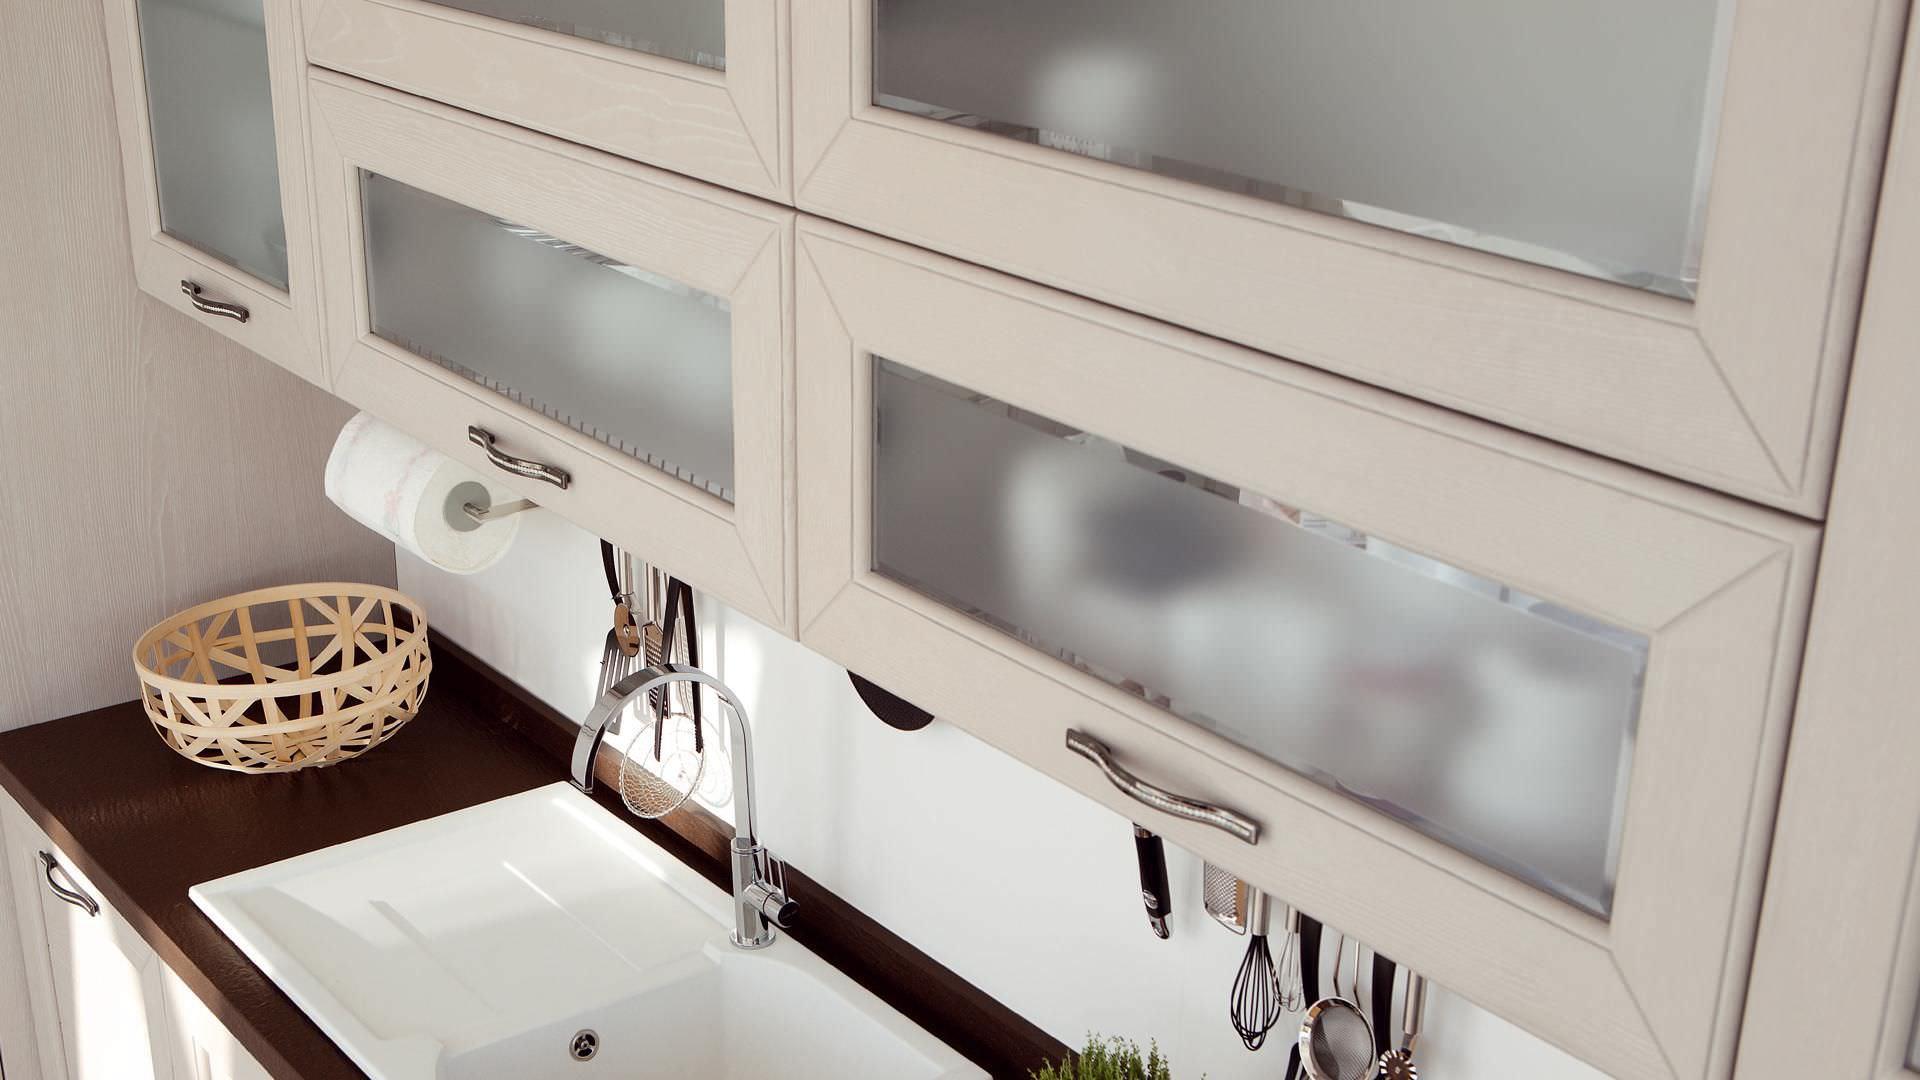 Cucina moderna / in legno - CLAUDIA - CUCINE LUBE - Video